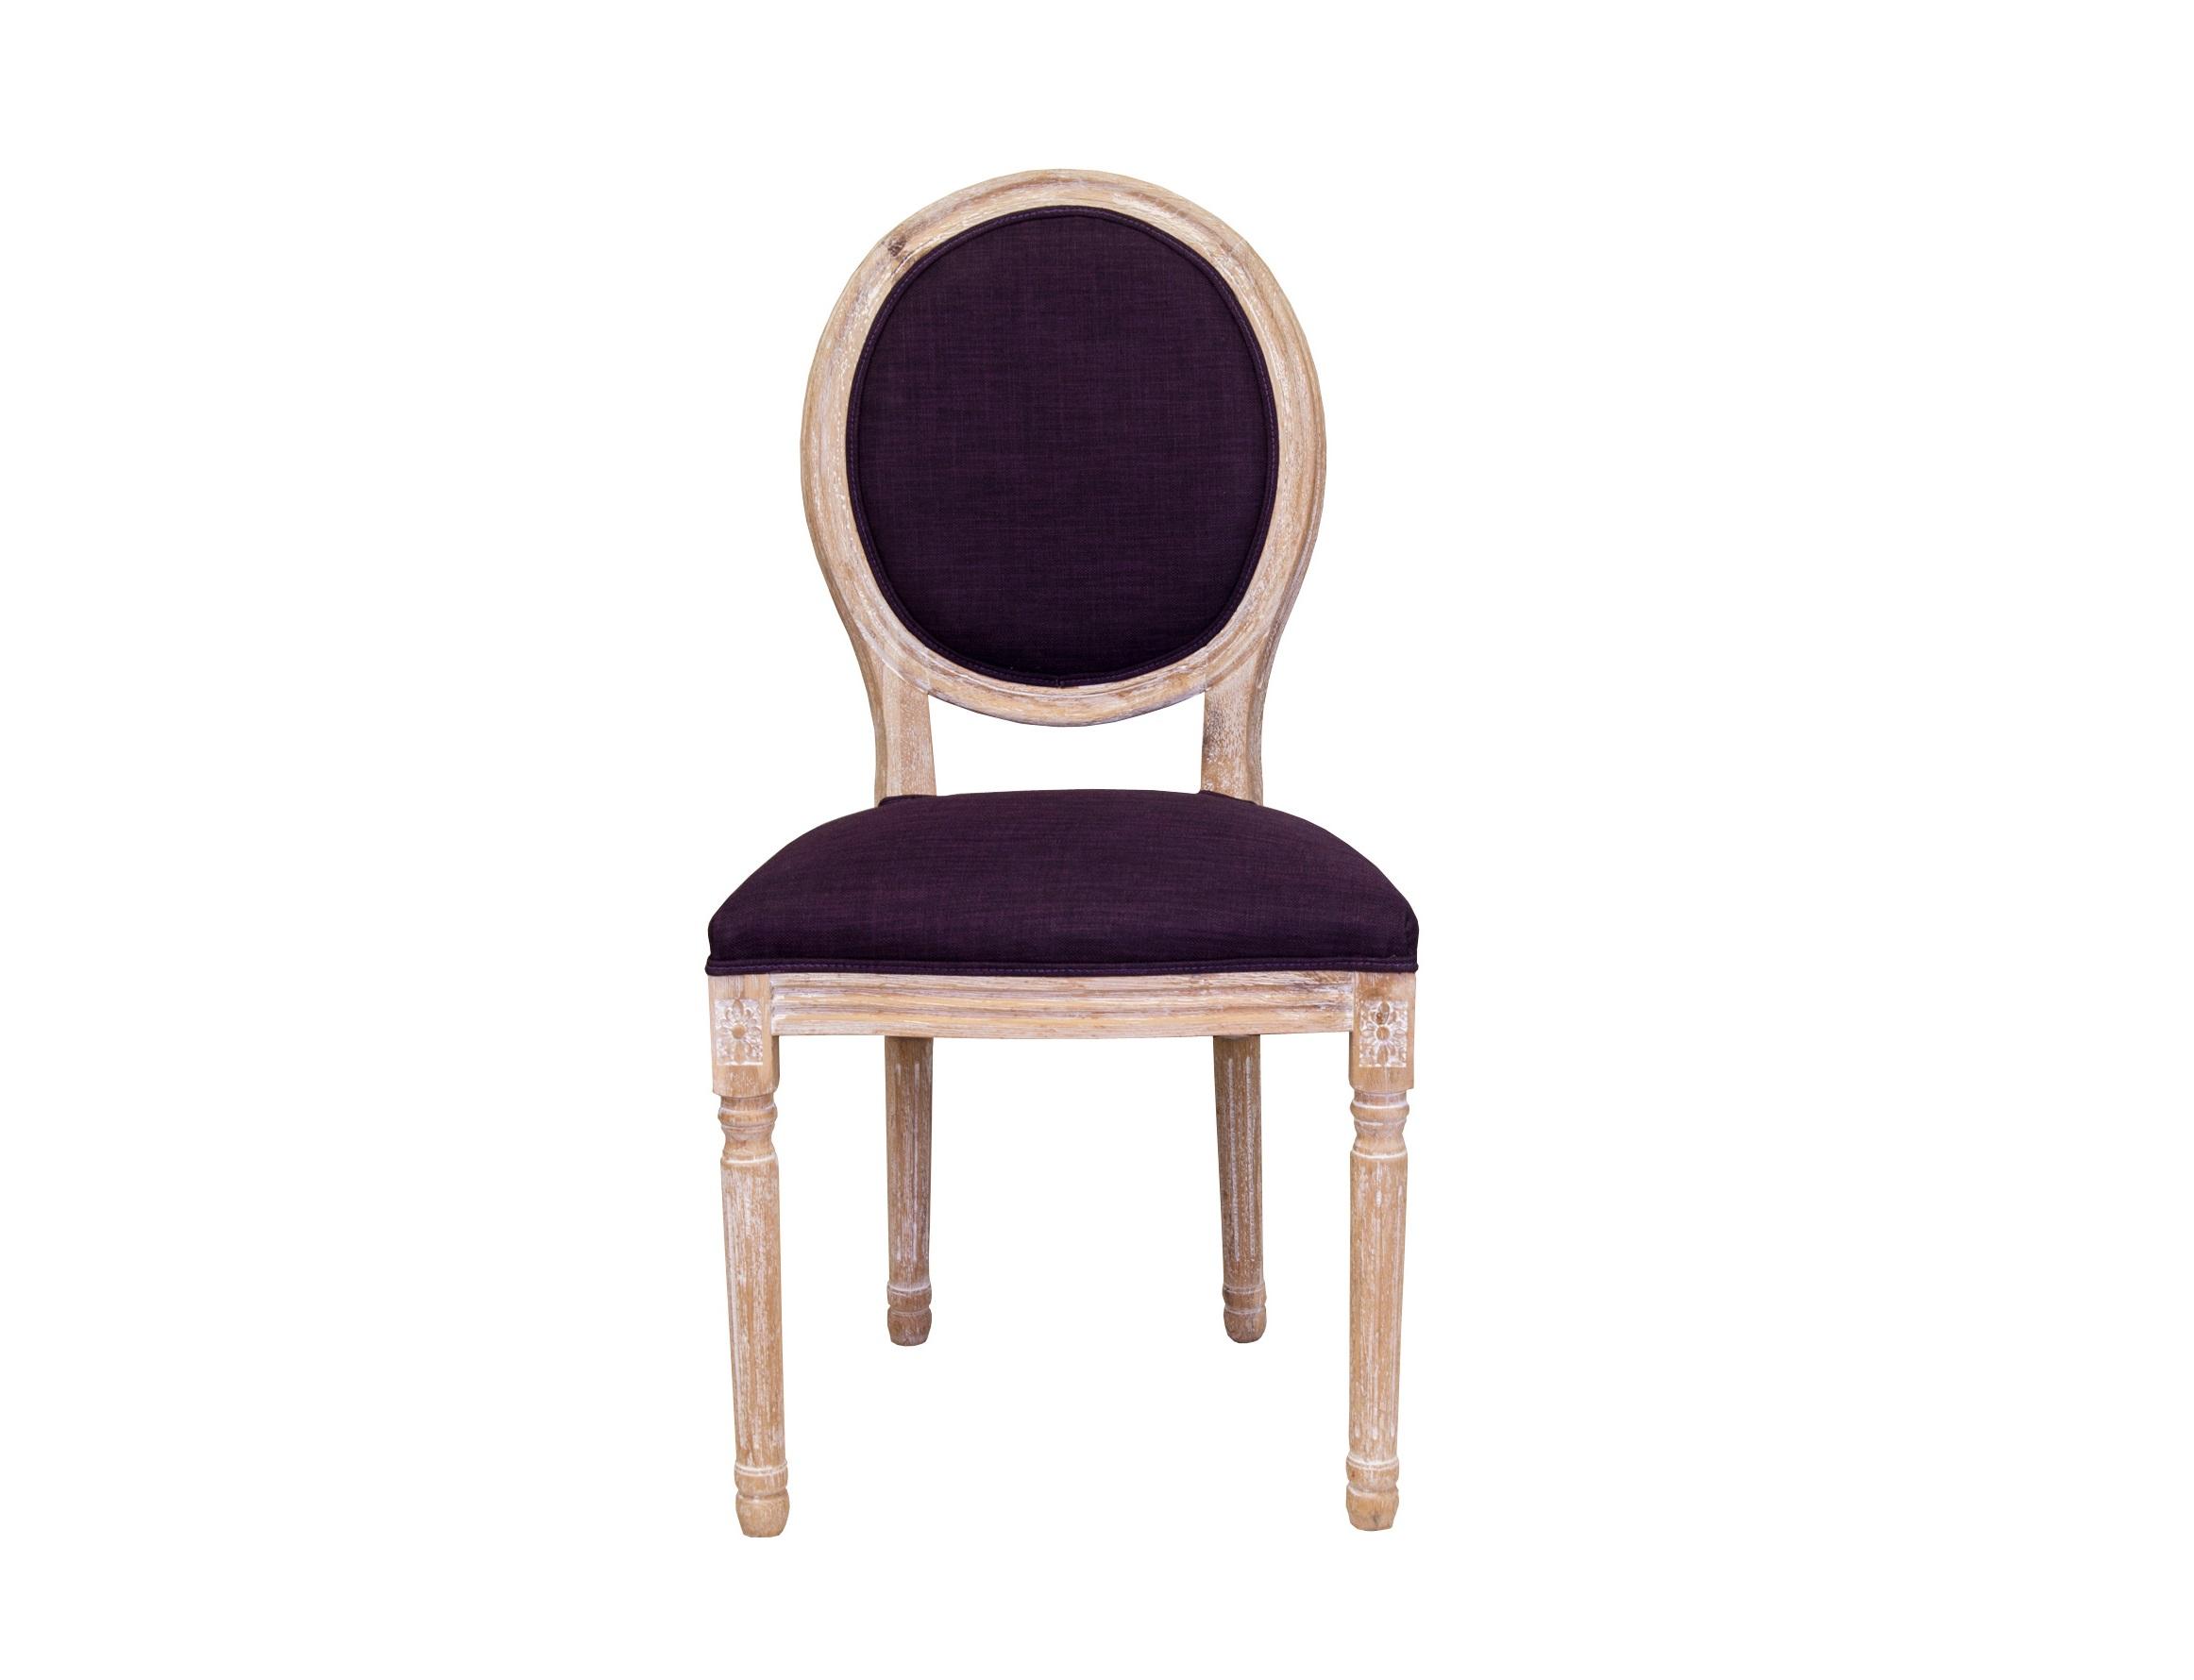 Стул MiroОбеденные стулья<br>Изысканный стул Miro с округлой спинкой напоминающей медальон, выполнен в элегантном классическом французском стиле. Основание модели выполнено из цельной породы древесины - массива дуба,искусственно состаренного.Такой стул эффектно смотрится как в контрастной, так и в однотонной обстановке.<br><br>Material: Дуб<br>Ширина см: 50<br>Высота см: 98<br>Глубина см: 56